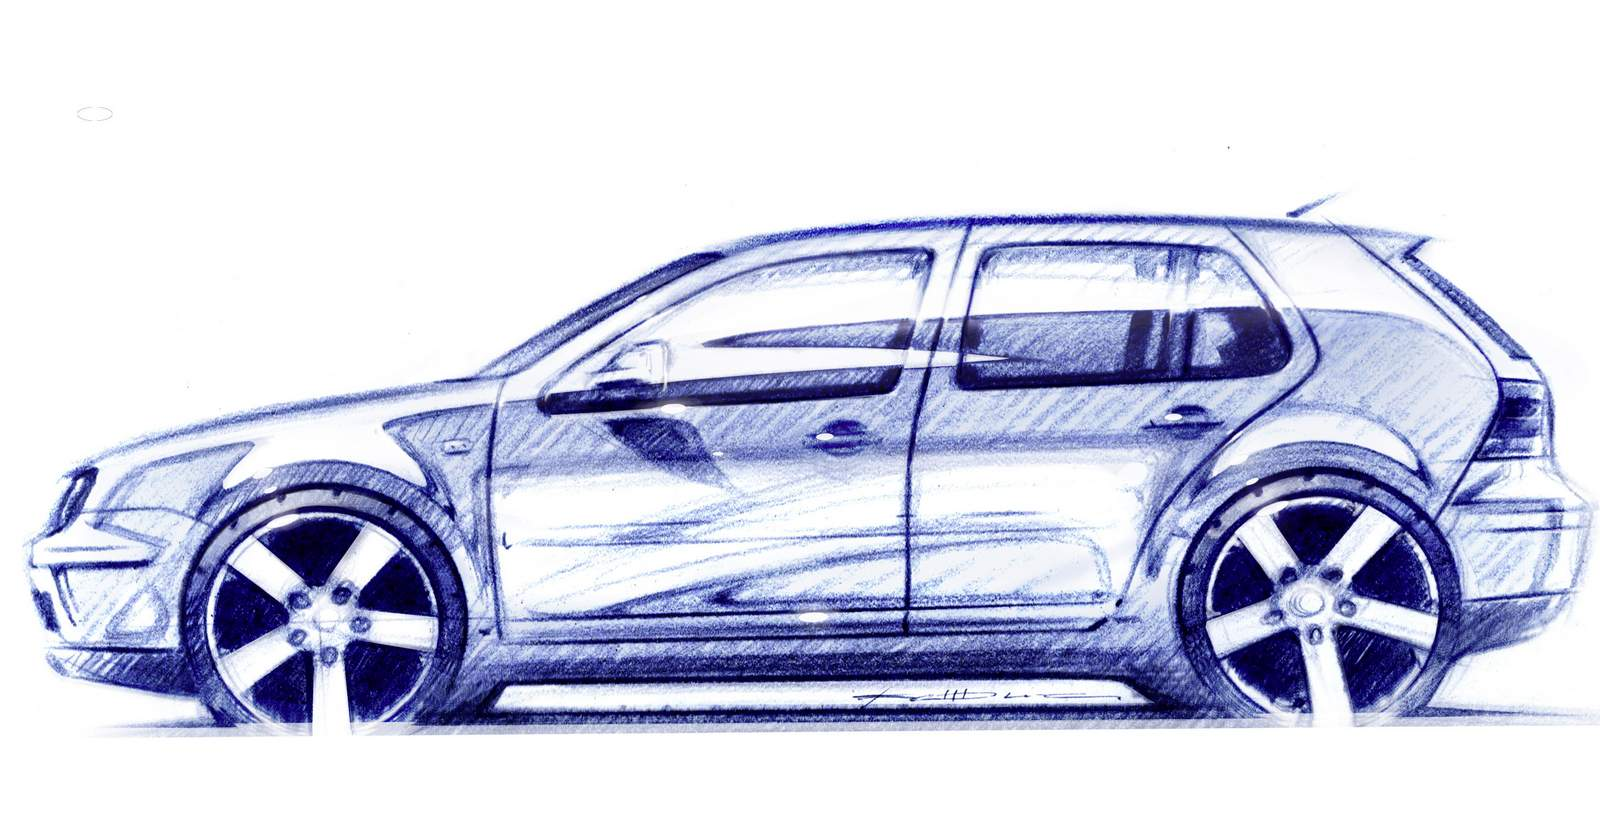 golf mk4 design limpo é considerado um ícone de estilo car blog br